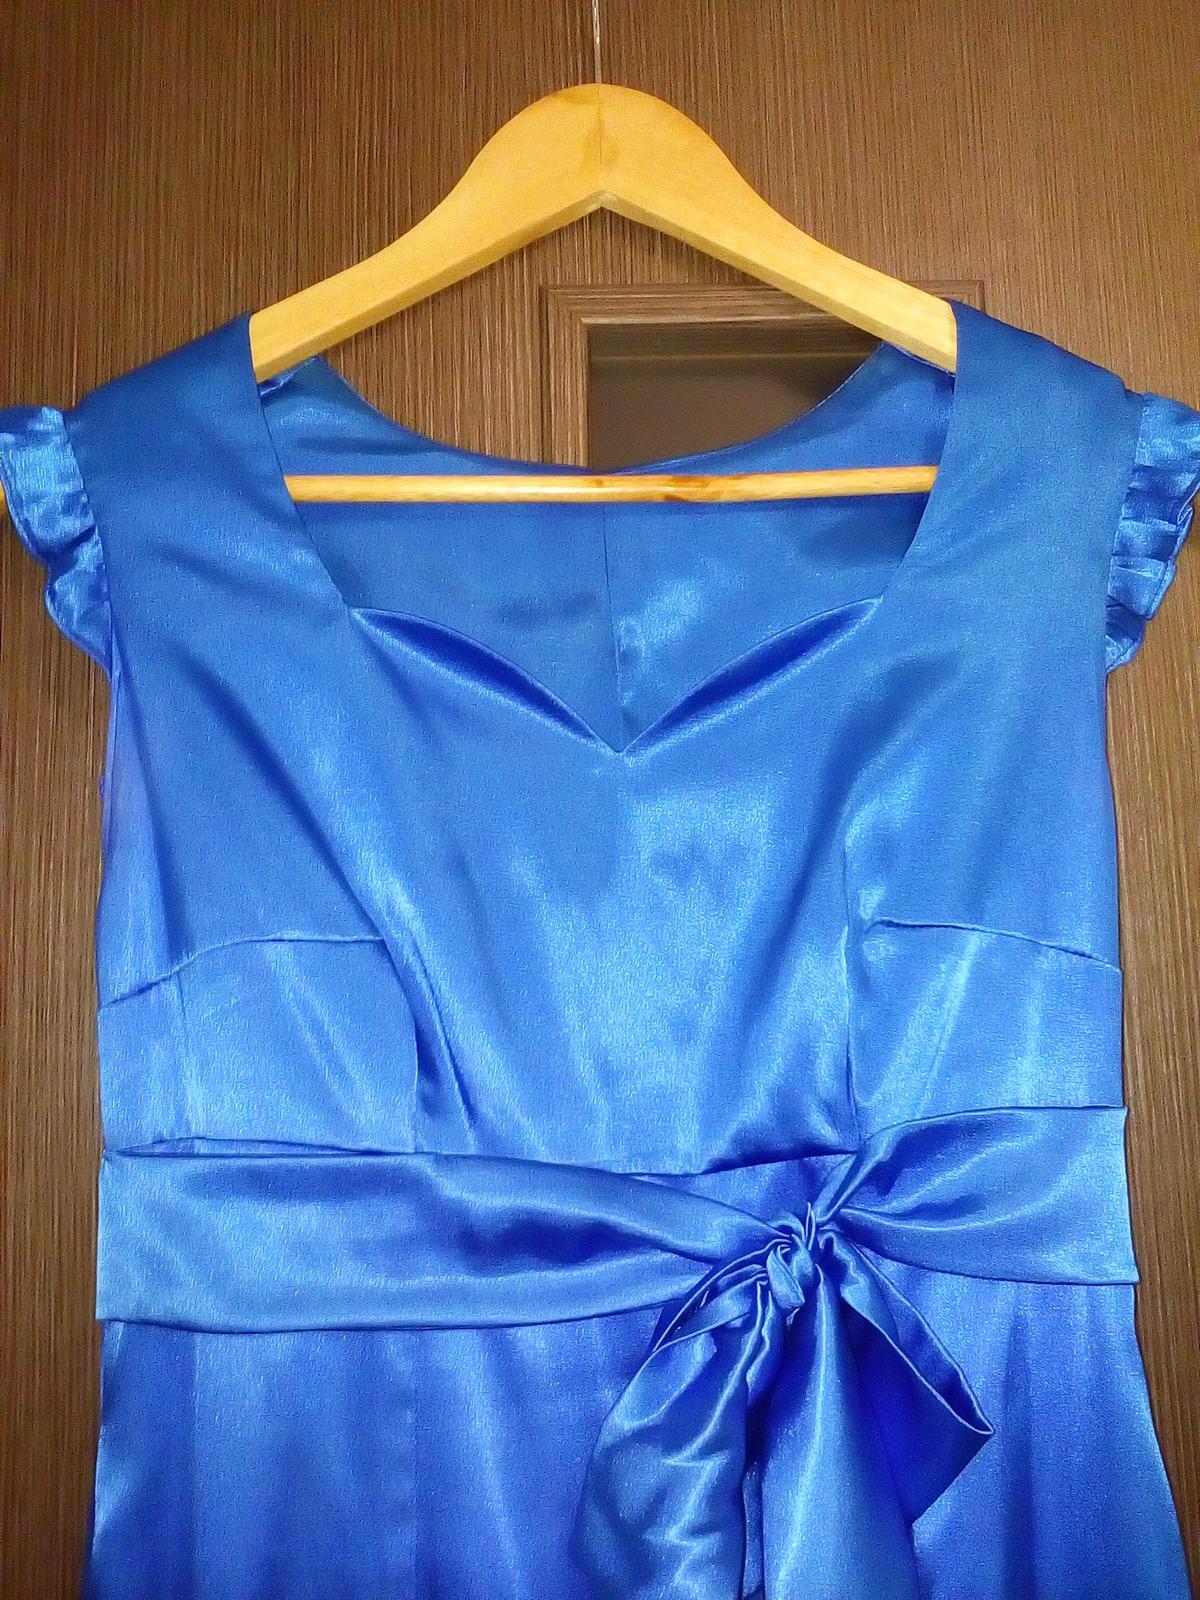 Dlhé saténové šaty - Obrázok č. 2